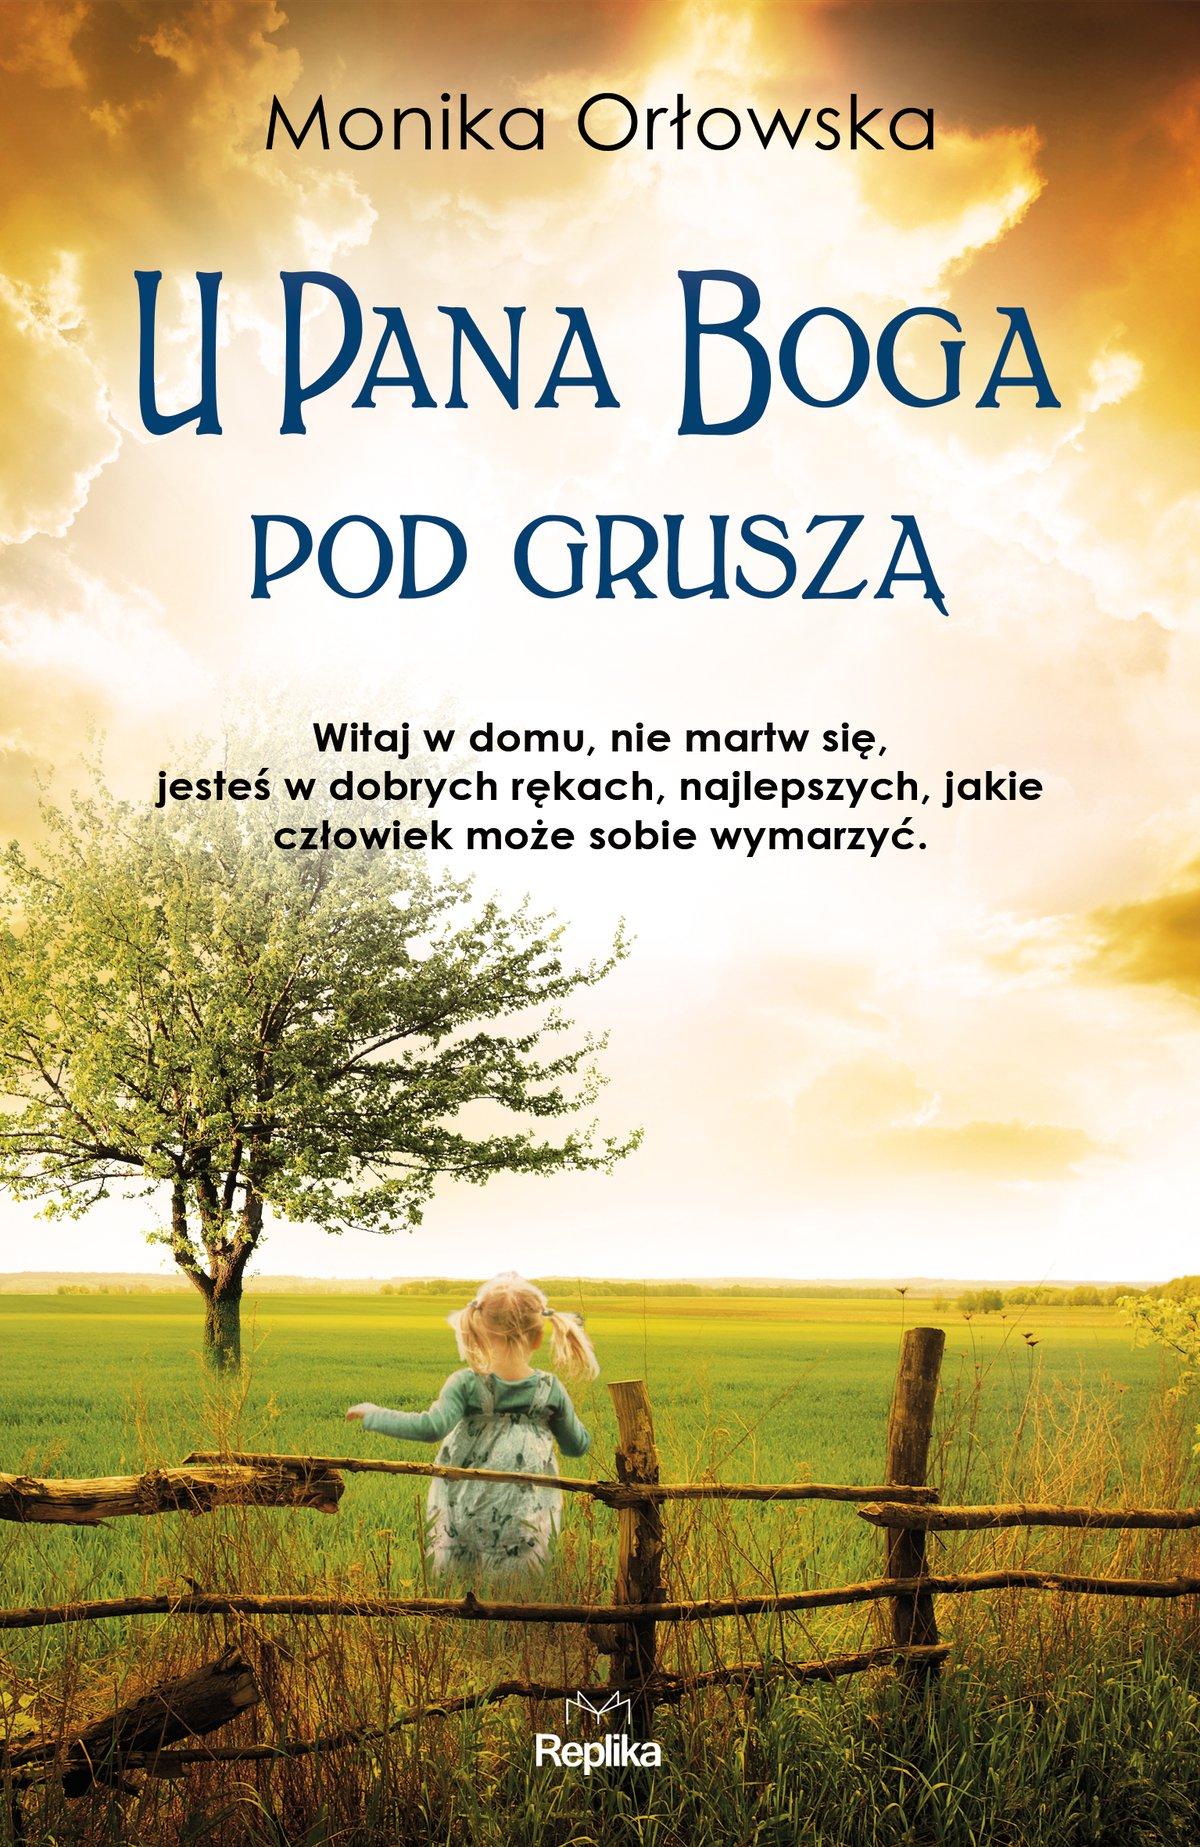 U Pana Boga pod gruszą - Ebook (Książka EPUB) do pobrania w formacie EPUB